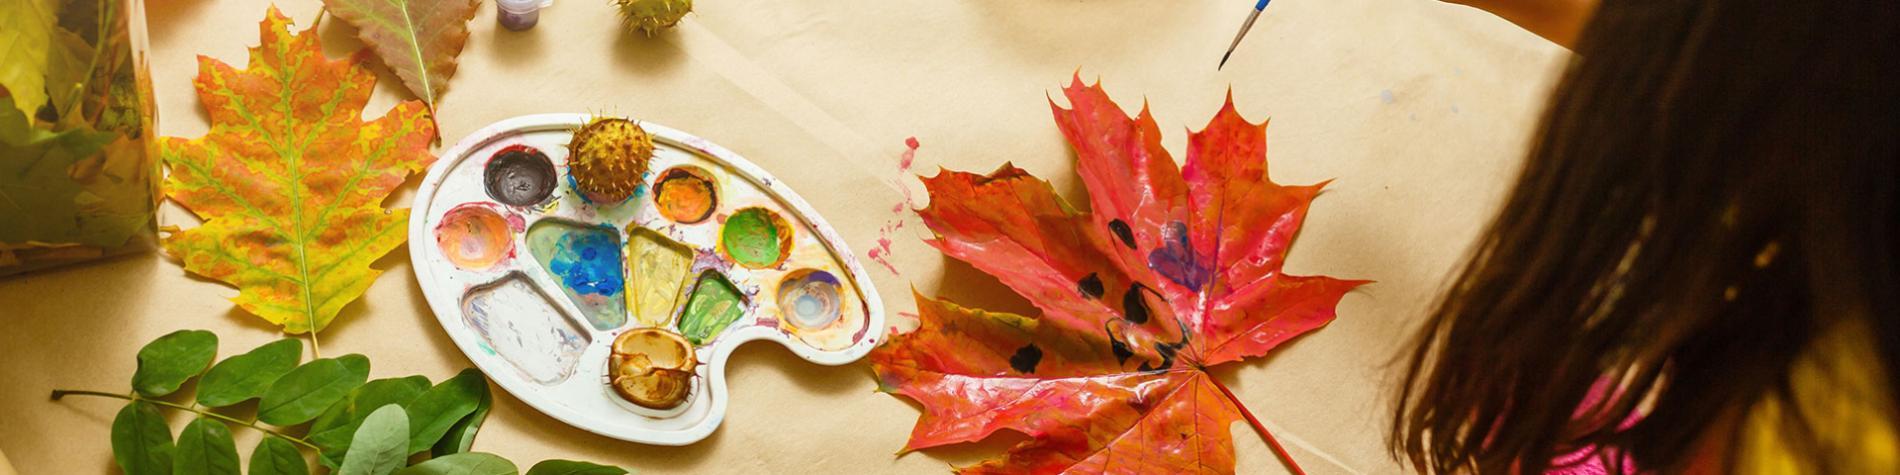 Activités créatives - bricolage - dessins - peinture - feuilles